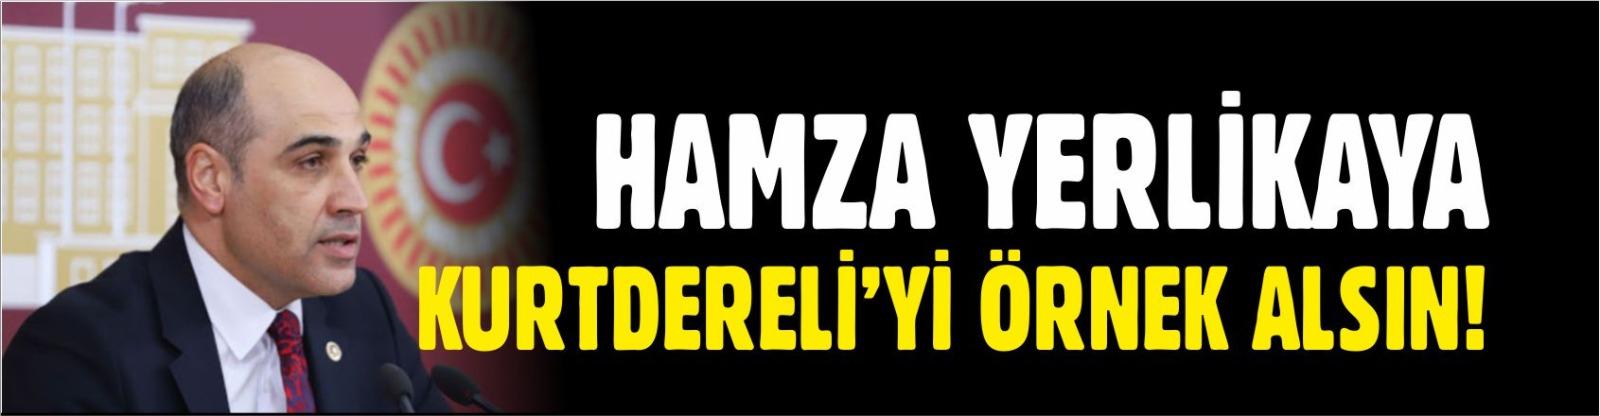 HAMZA YERLİKAYA KURTDERELİ'Yİ ÖRNEK ALSIN